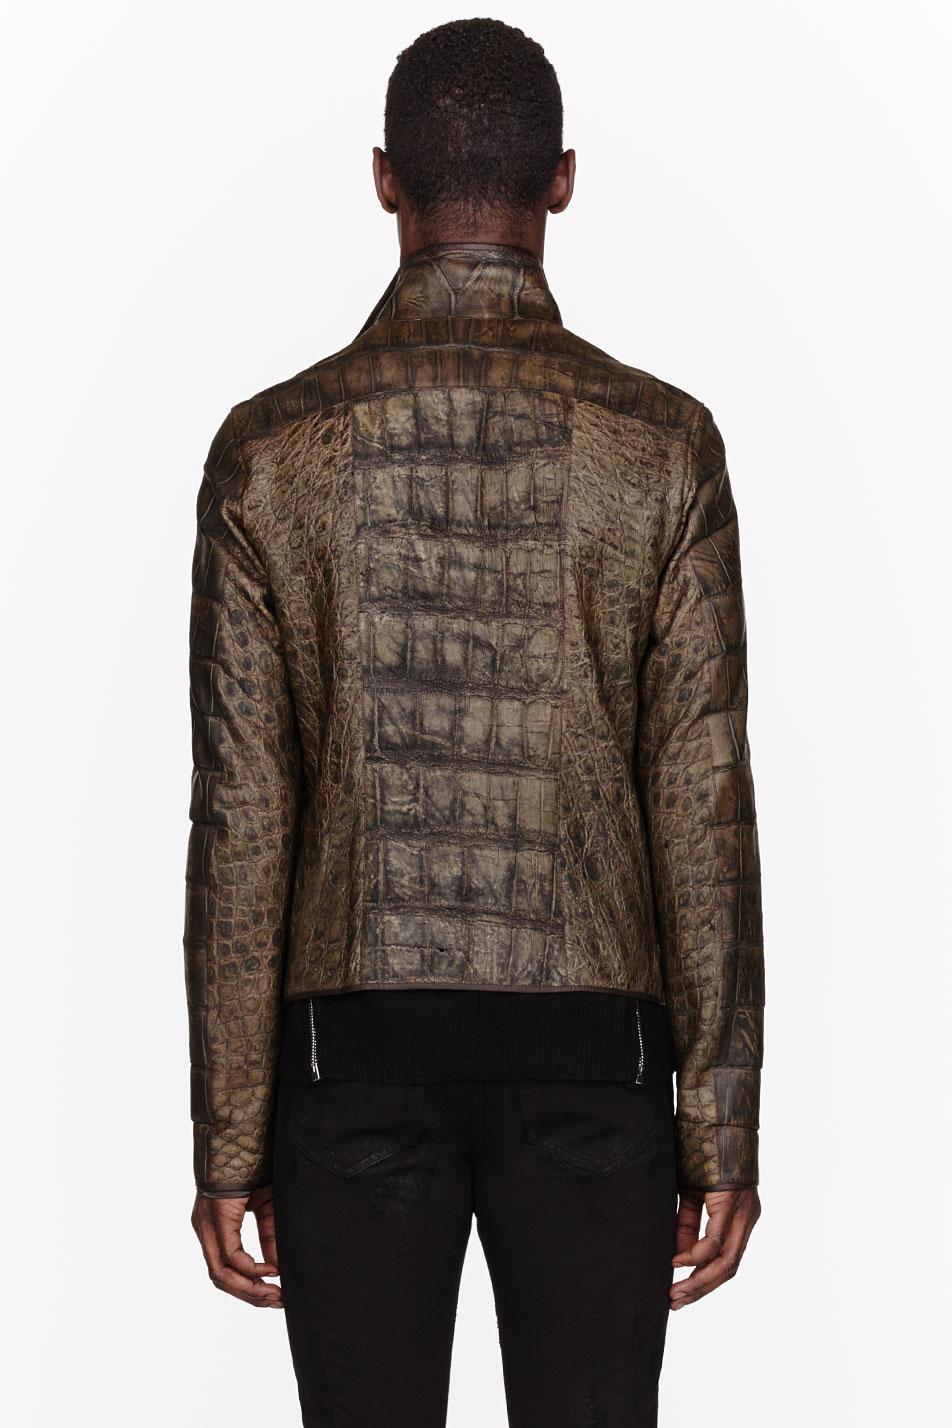 Rick Owens $50,000 leather jacket alligator menswear lookbook 4